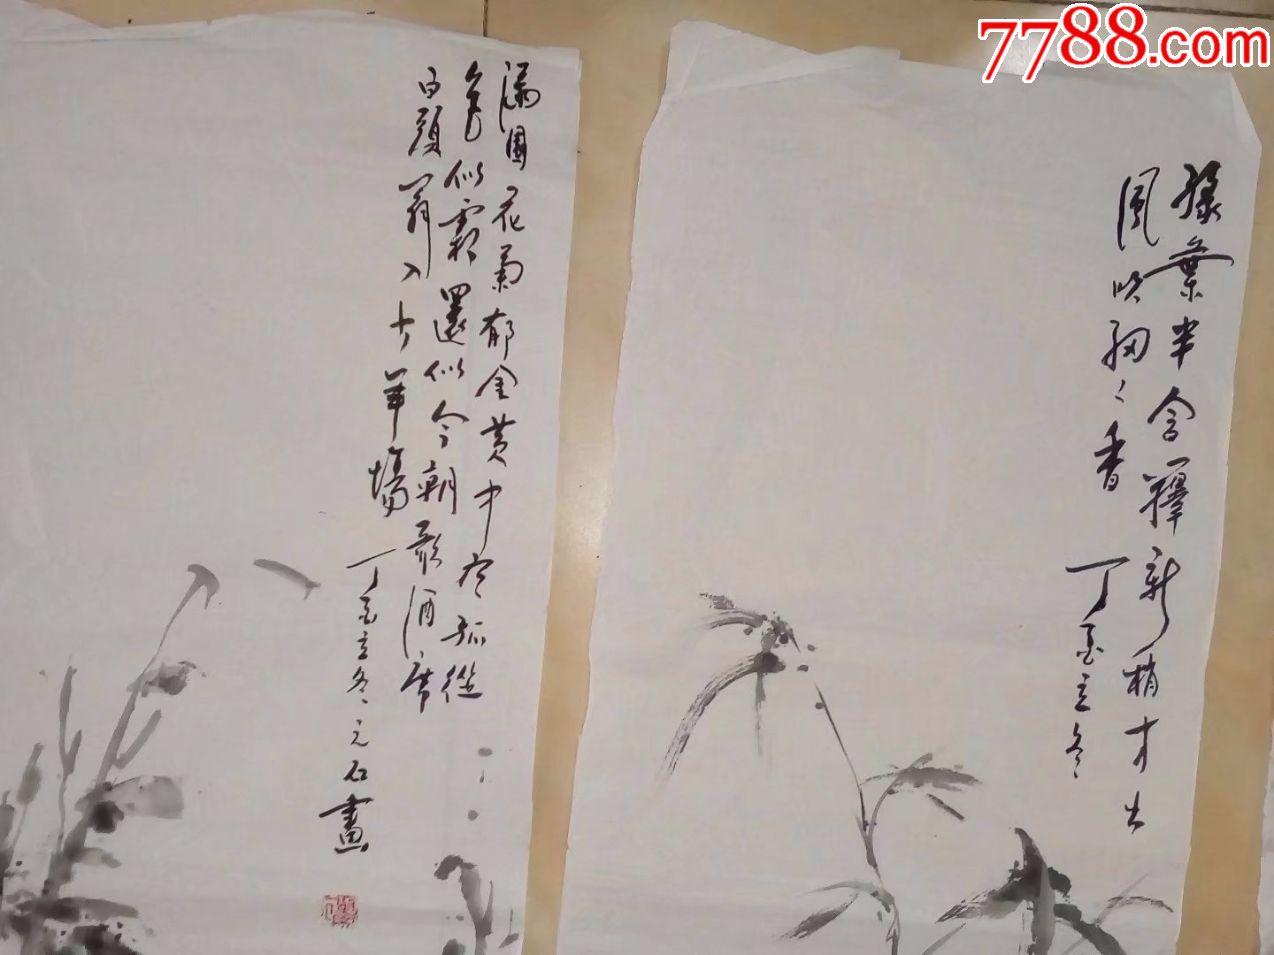 梅兰竹菊四条屏,水墨画写意画国画小品画,保证纯手工绘画,不错